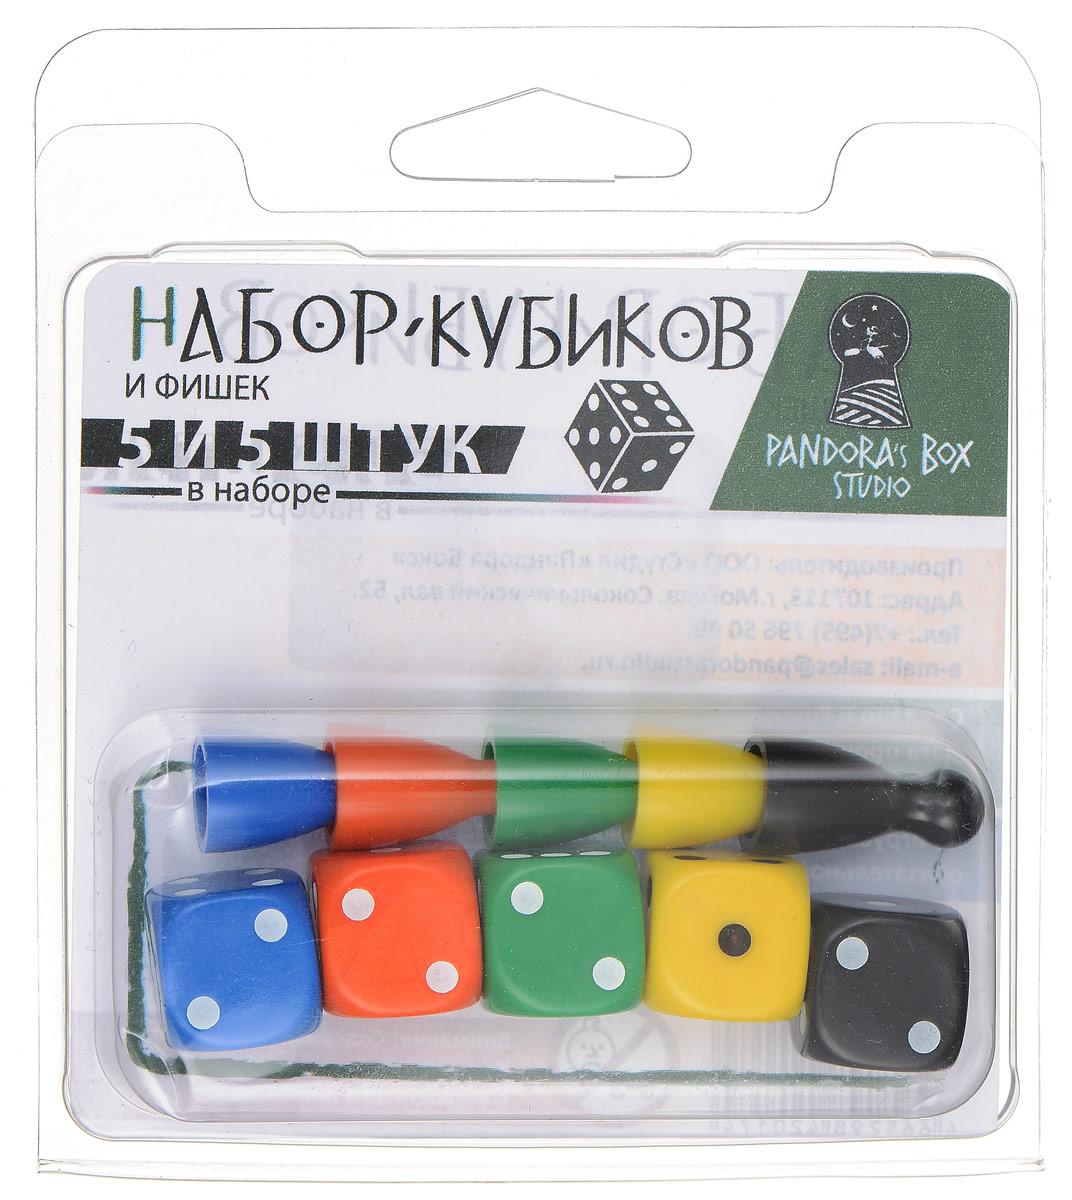 Pandora's Box Набор фишек и кубиков для настольных игр бродилок 5 фишек + 5 кубиков